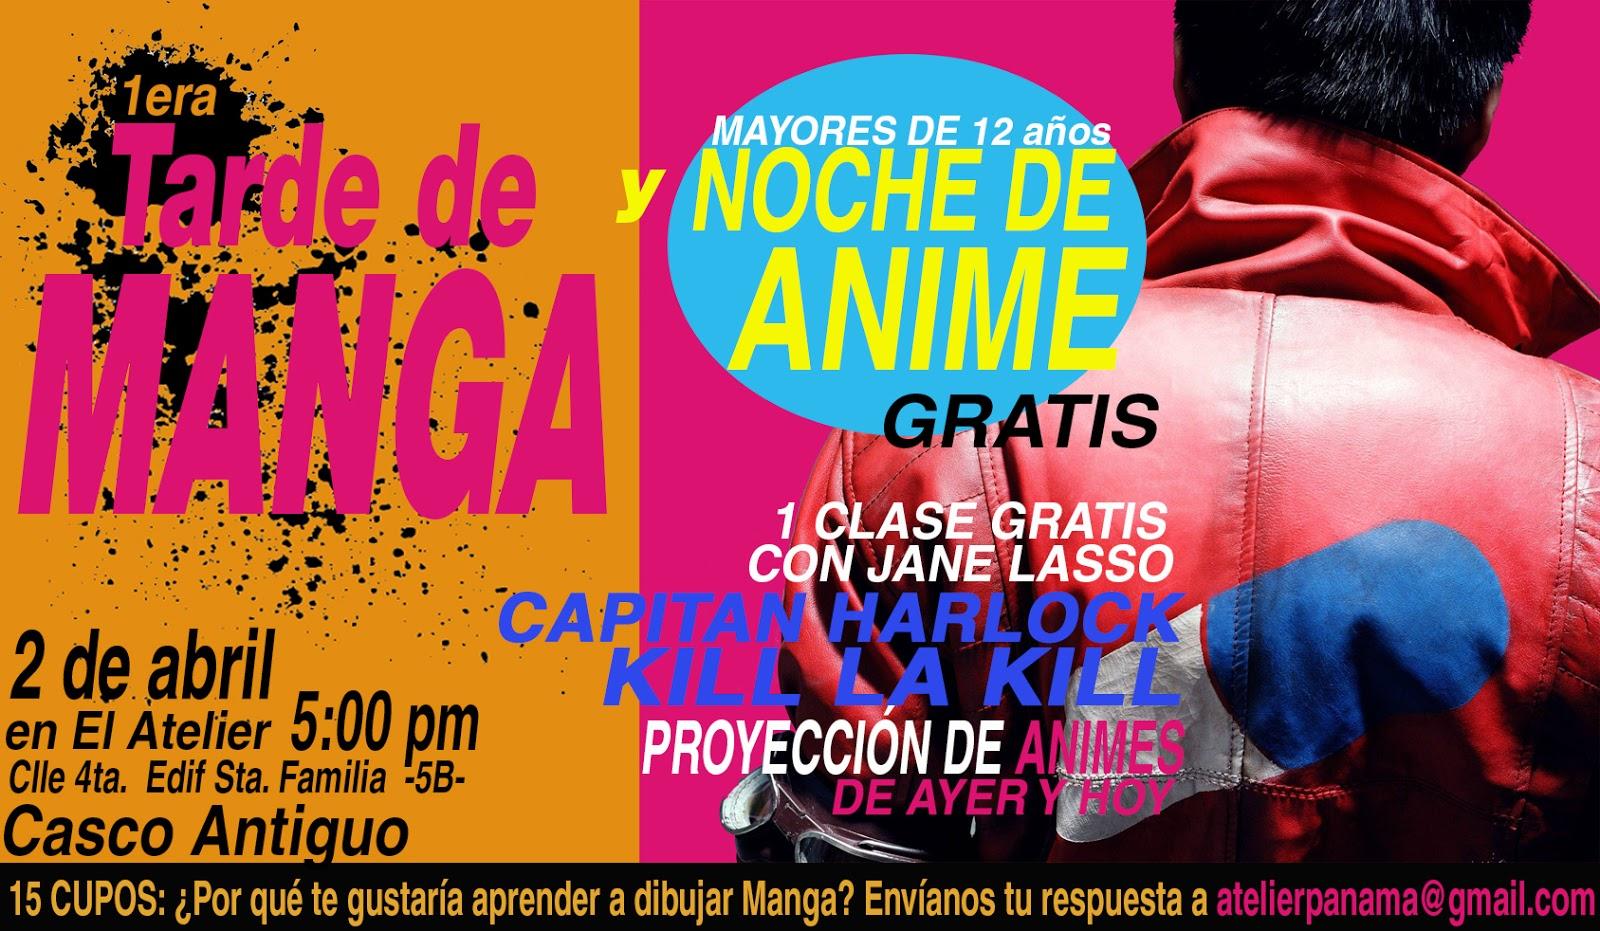 Tarde de manga y noche de Anime en Panamá